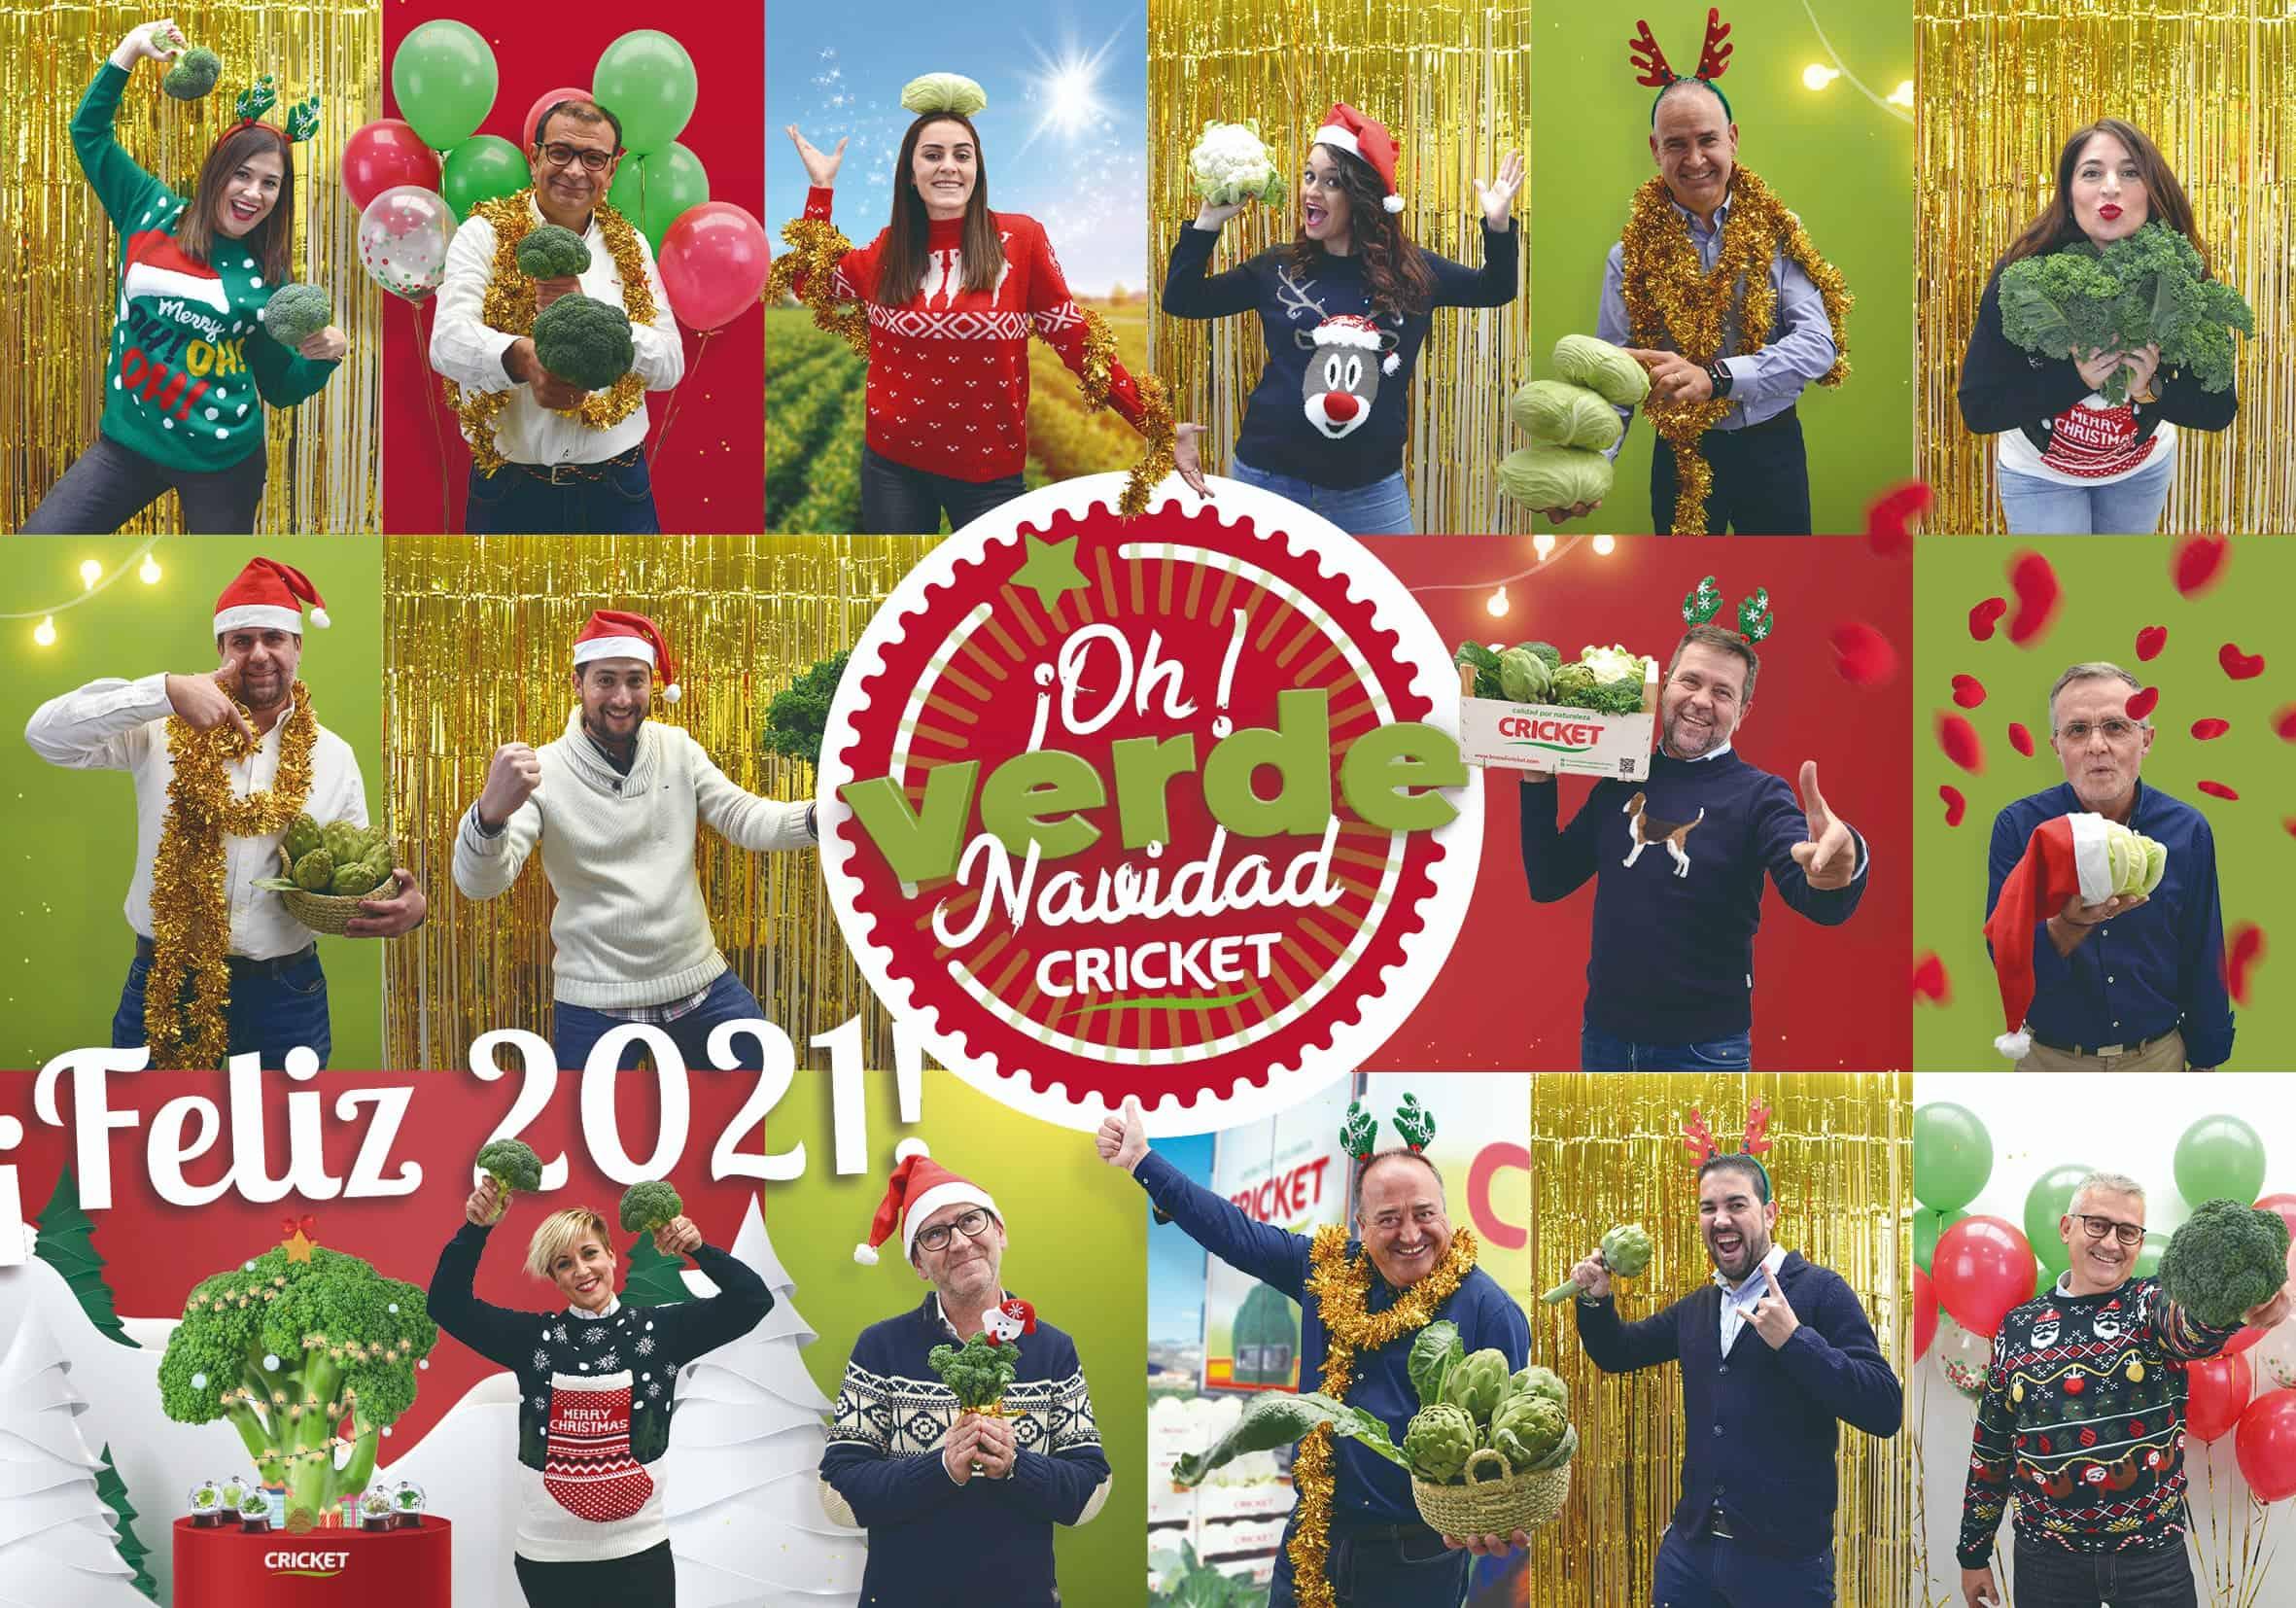 Cricket | Posicionamiento de marca con marketing agro 25